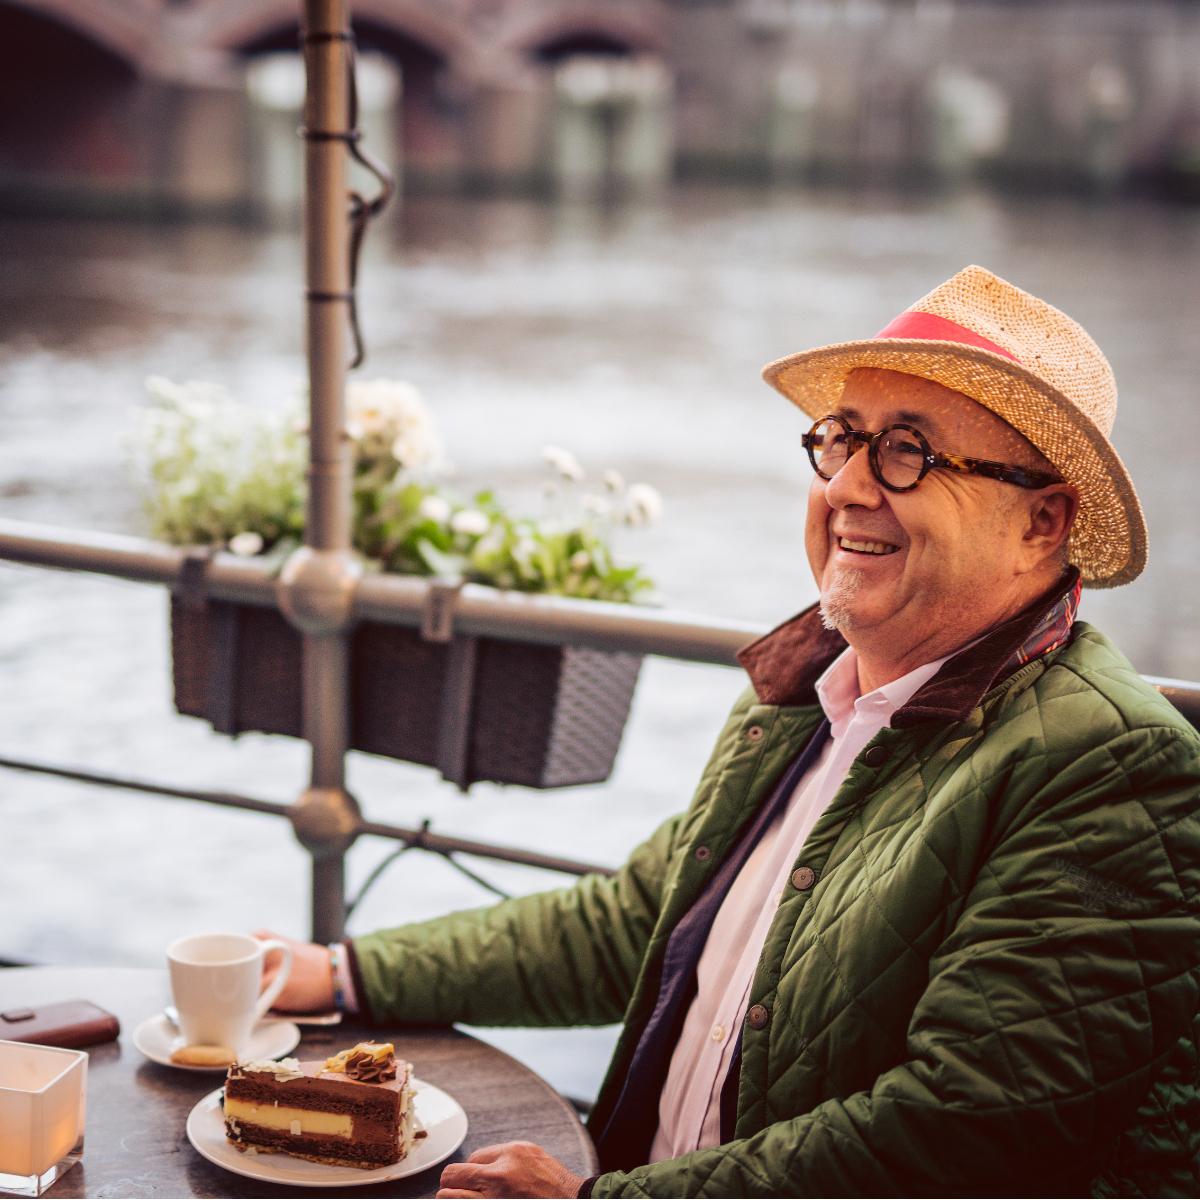 Vlet Kitchen & Bar Hamburg Kaffee und Kuchen am Wasser